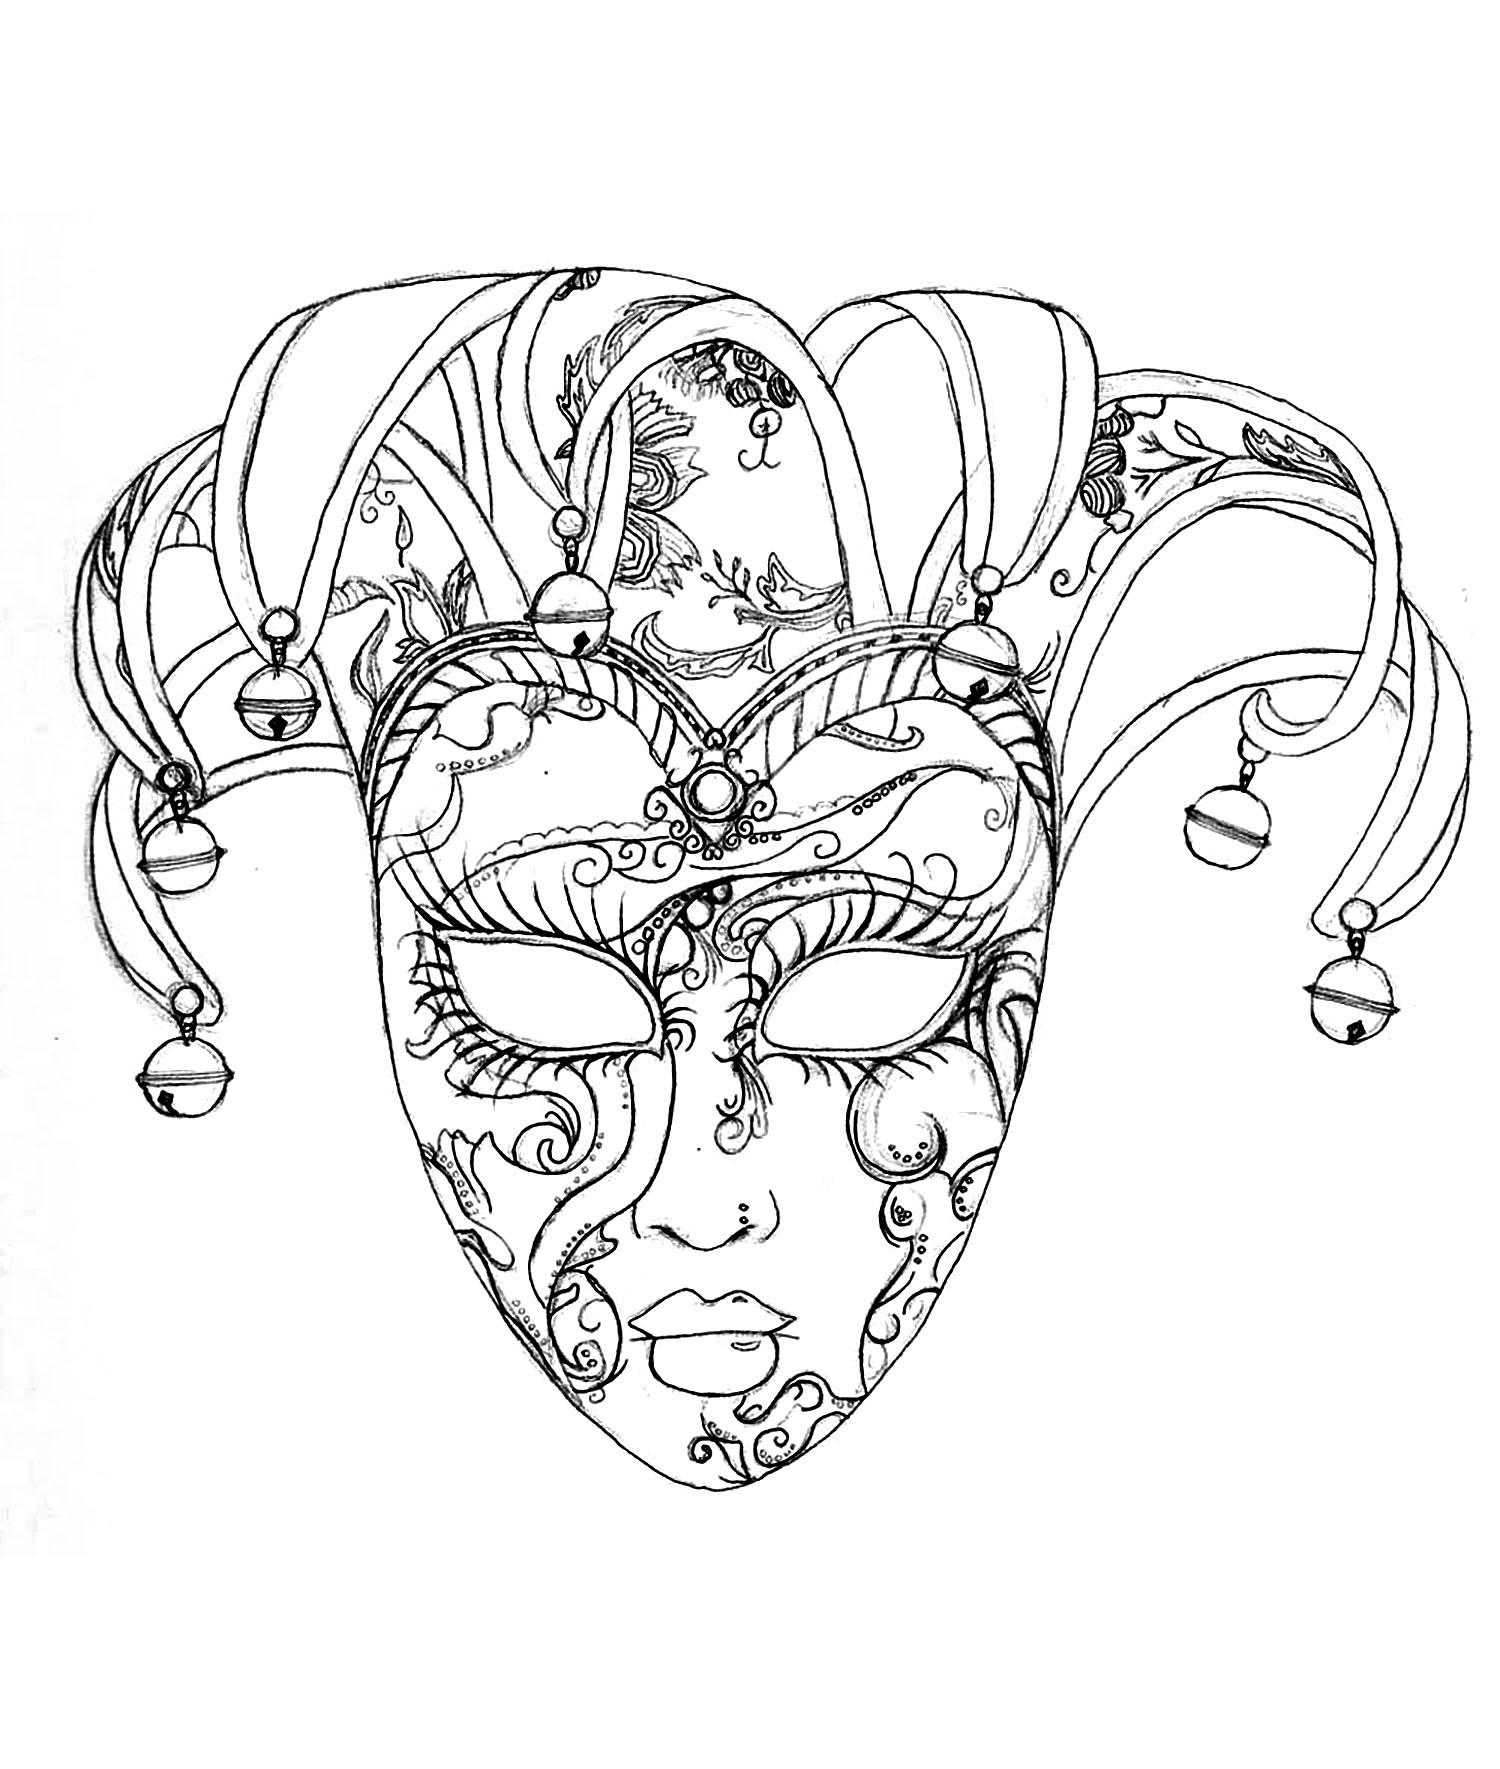 Masque Du Carnaval De Venise - Fêtes - Coloriages Difficiles à Masque Loup A Colorier